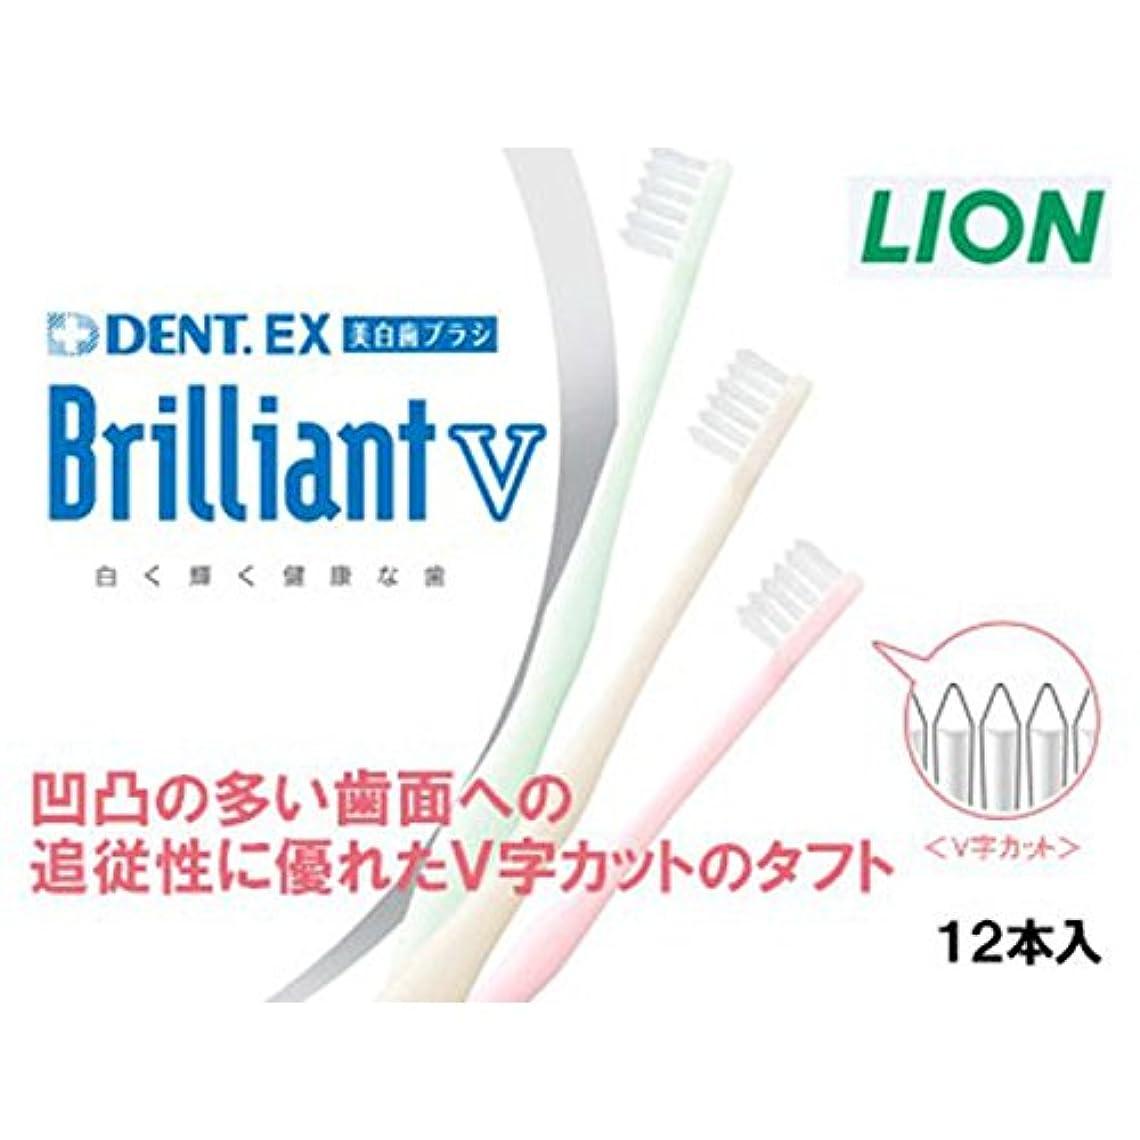 慣れる読書をする明らかにするライオン ブリリアントV 歯ブラシ DENT.EX BrilliantV 12本